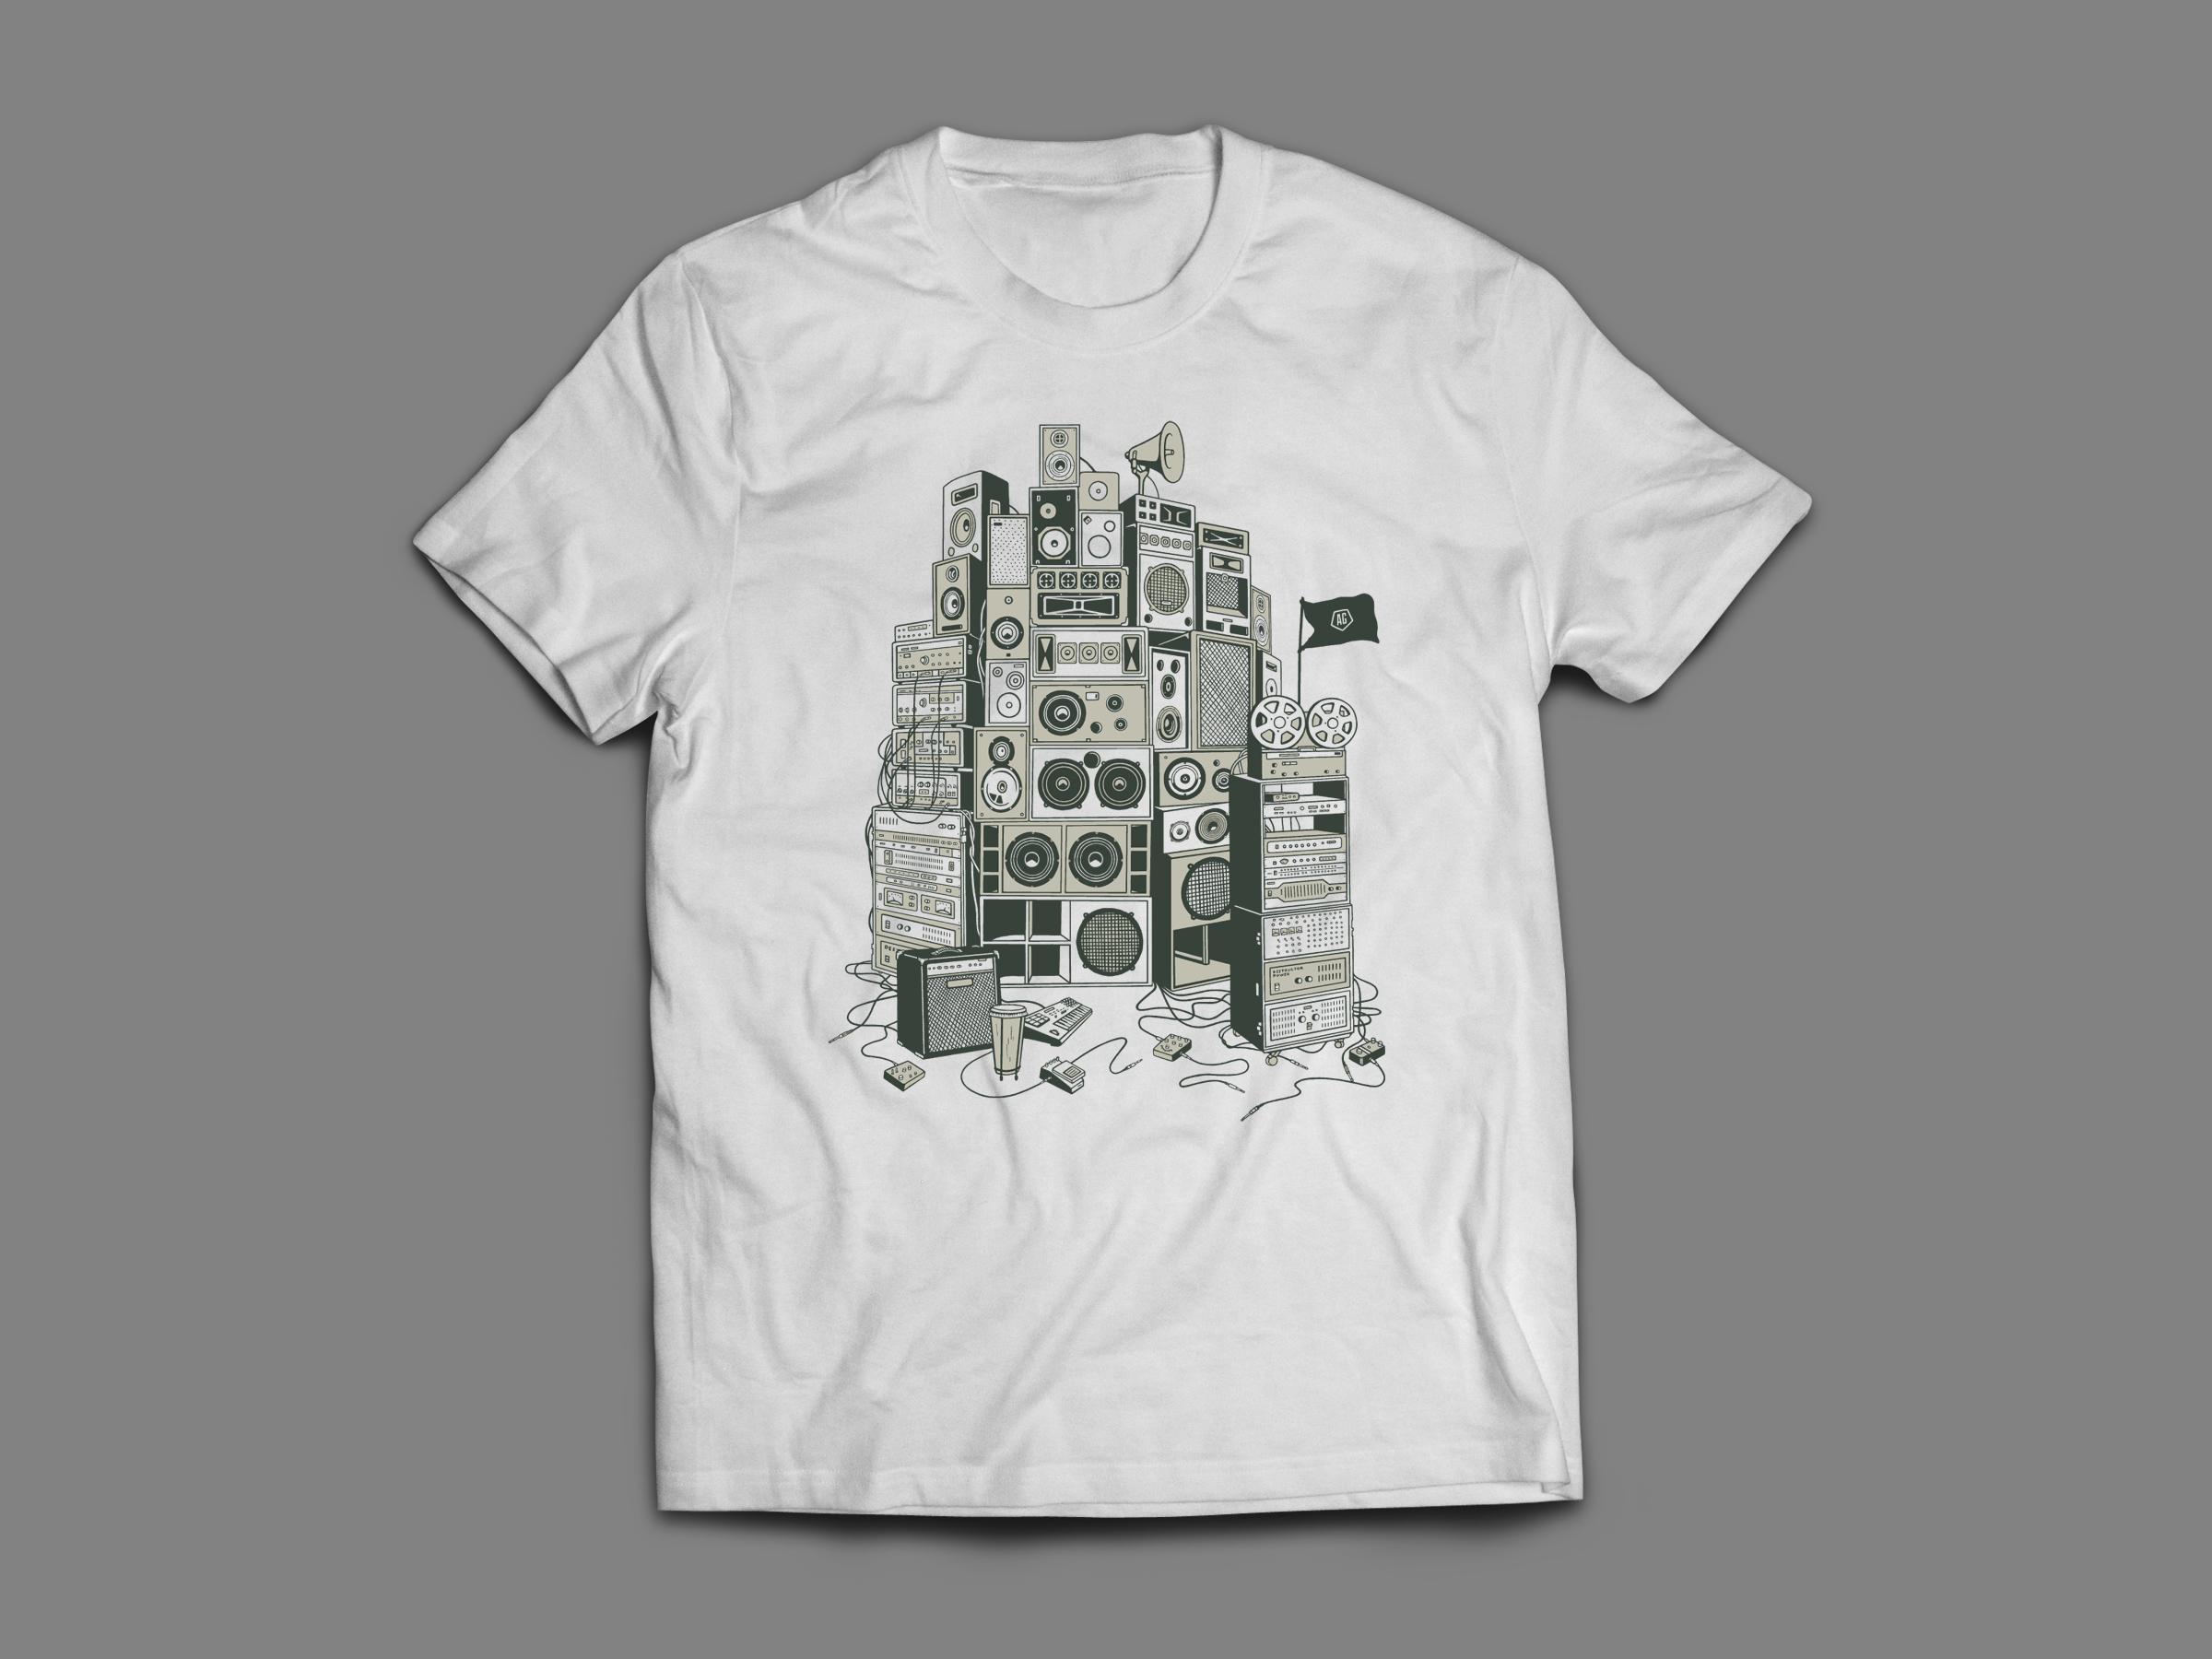 T-shirt, sérigraphie, Graphisme, Graphiste, Communication, Design, illustration, Atelier Graphique, Genève